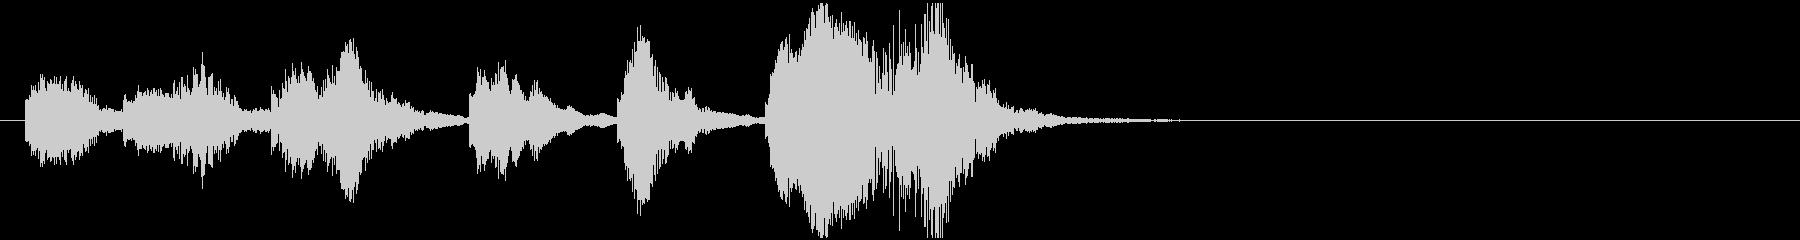 のほほんジングル001_コミカル-3の未再生の波形